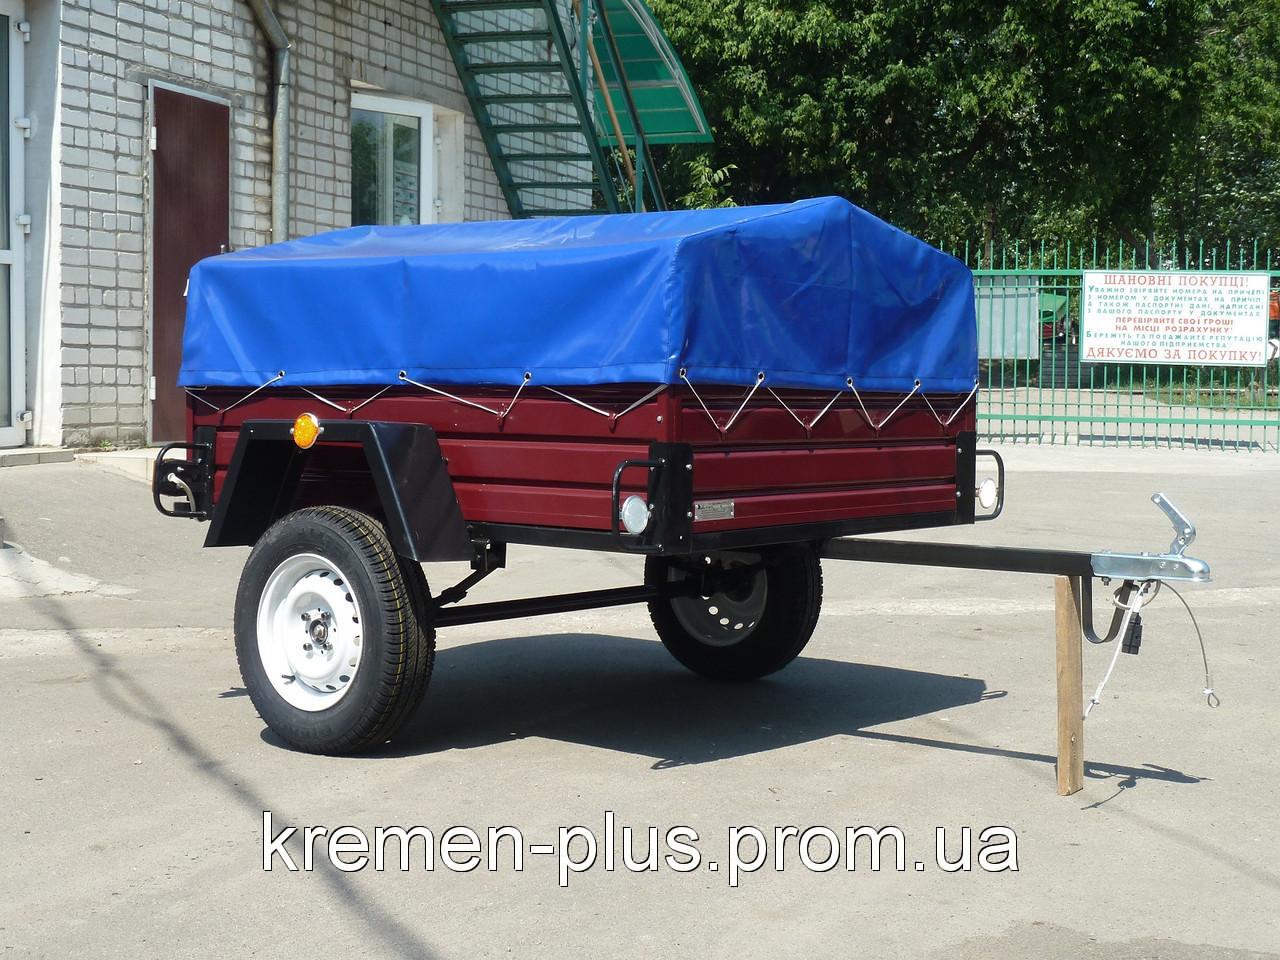 Продам одноосный легковой прицеп в Харькове для автомобиля